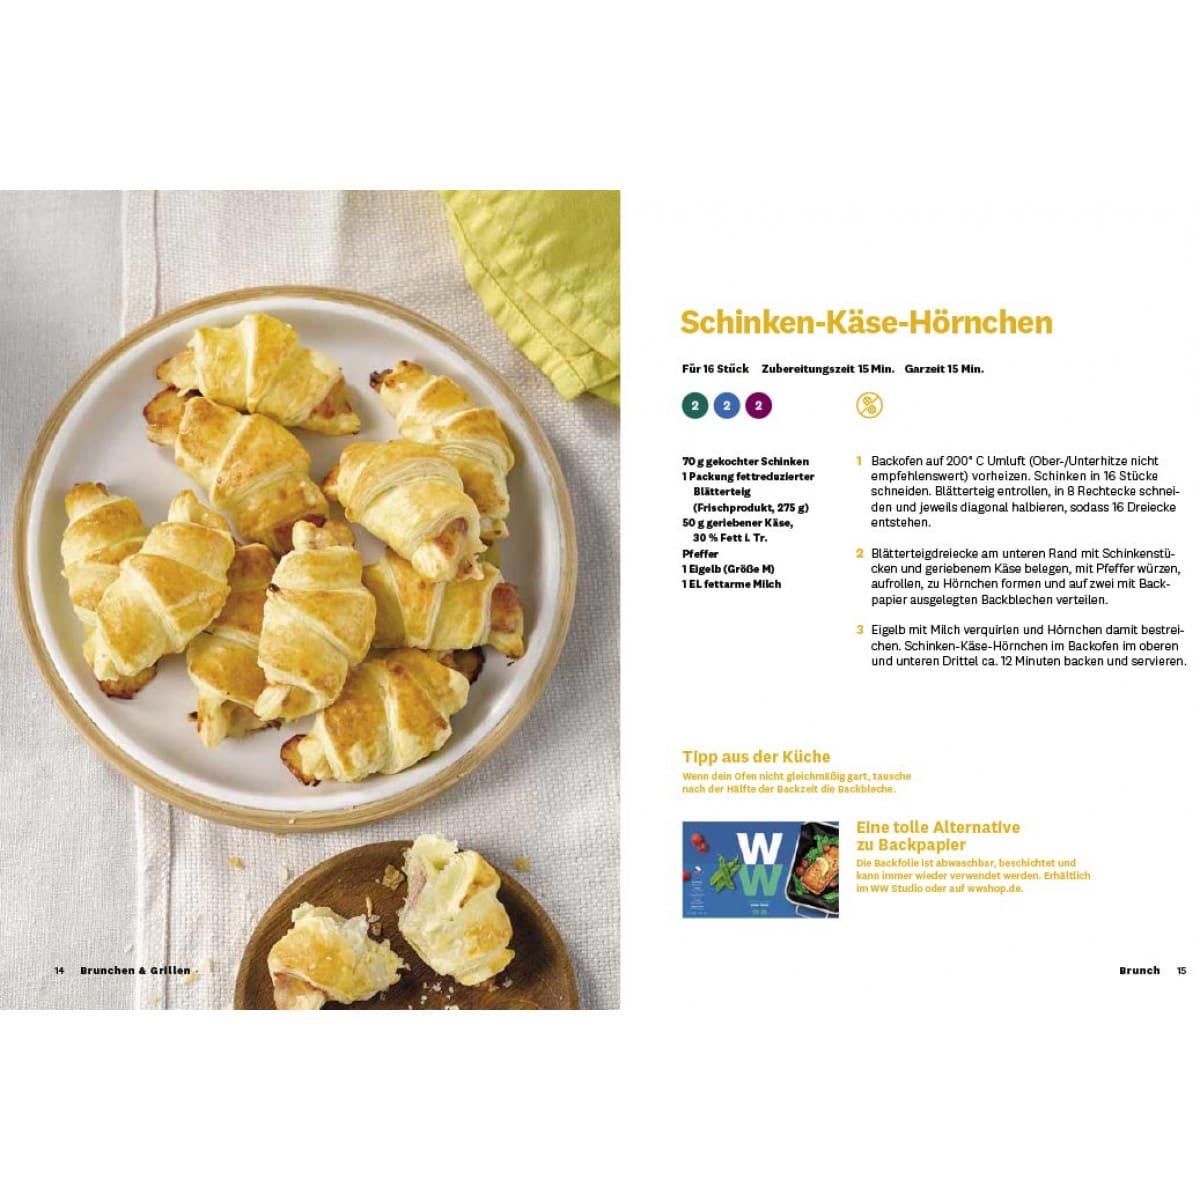 WW Kochbuch Brunchen & Grillen (40 Rezepte) 1